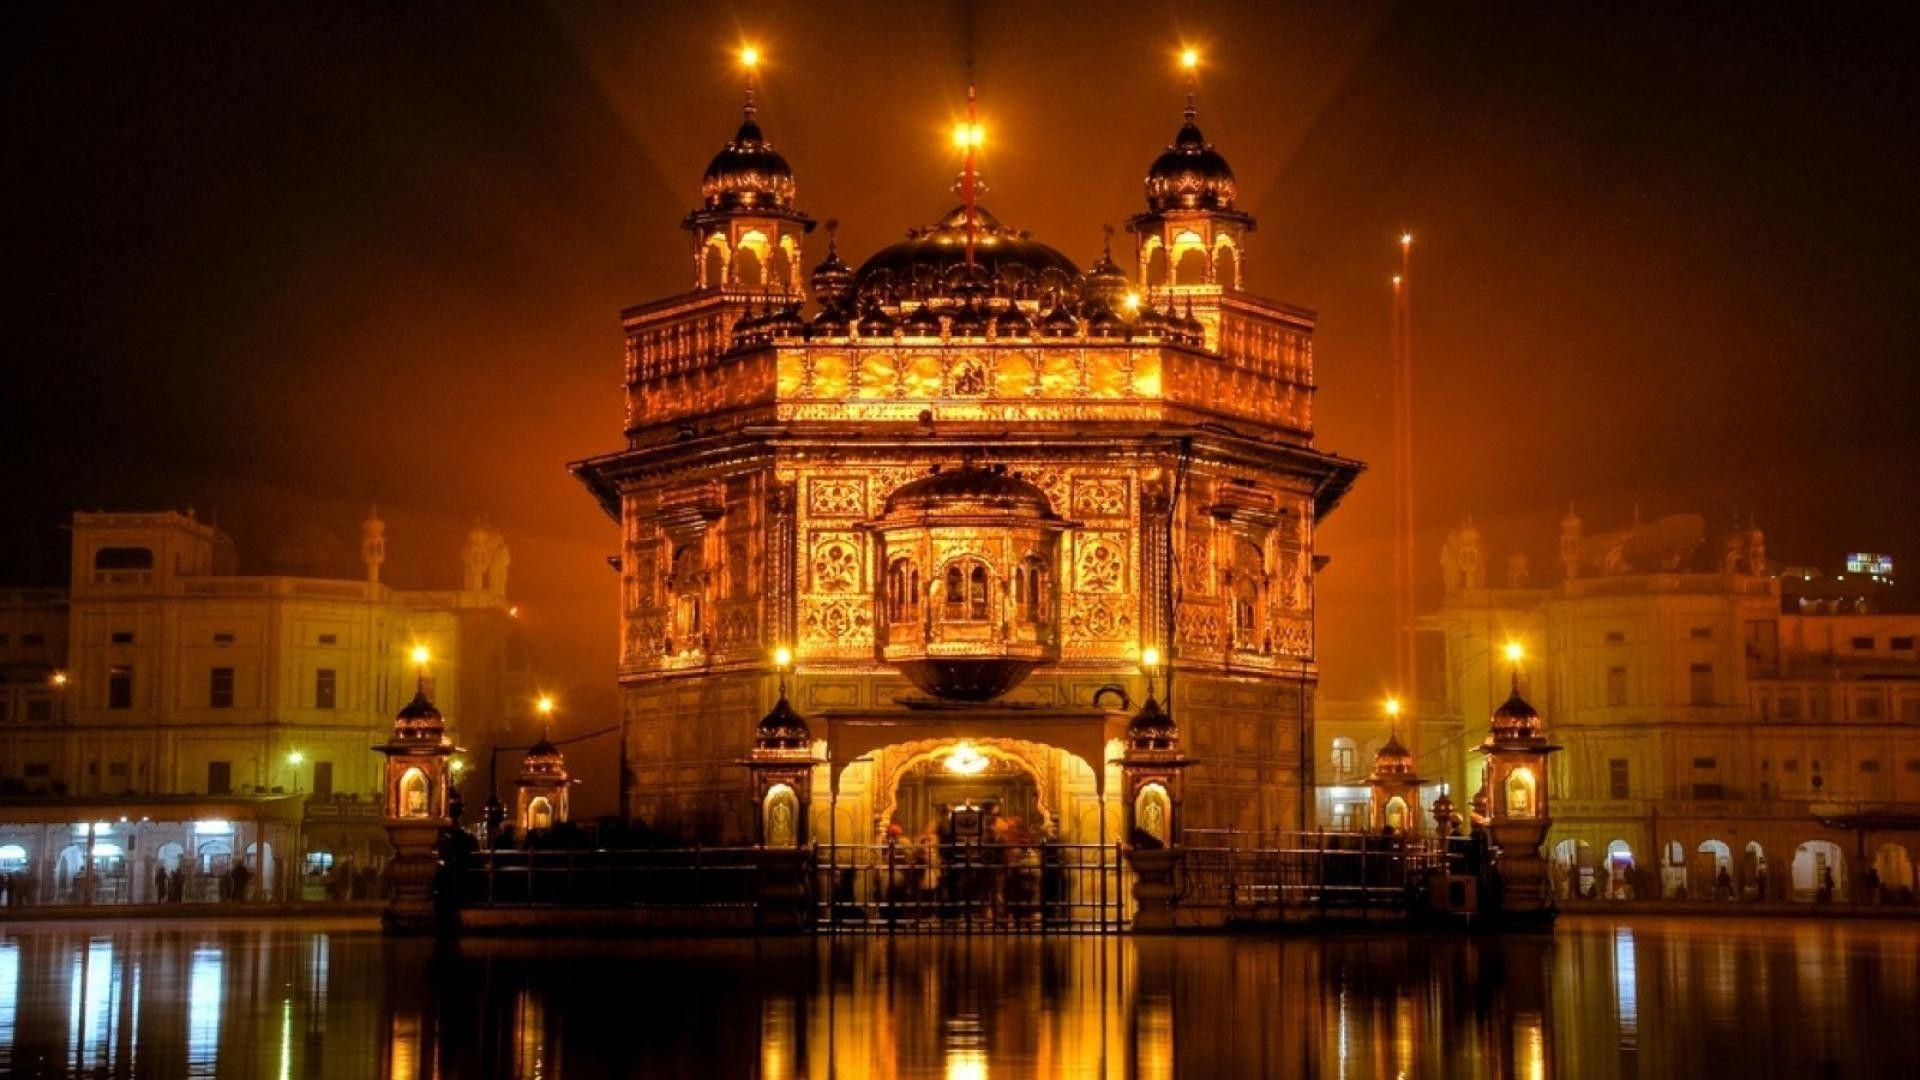 1920x1080 Ngôi đền vàng vào ban đêm trong hình nền amritsar india